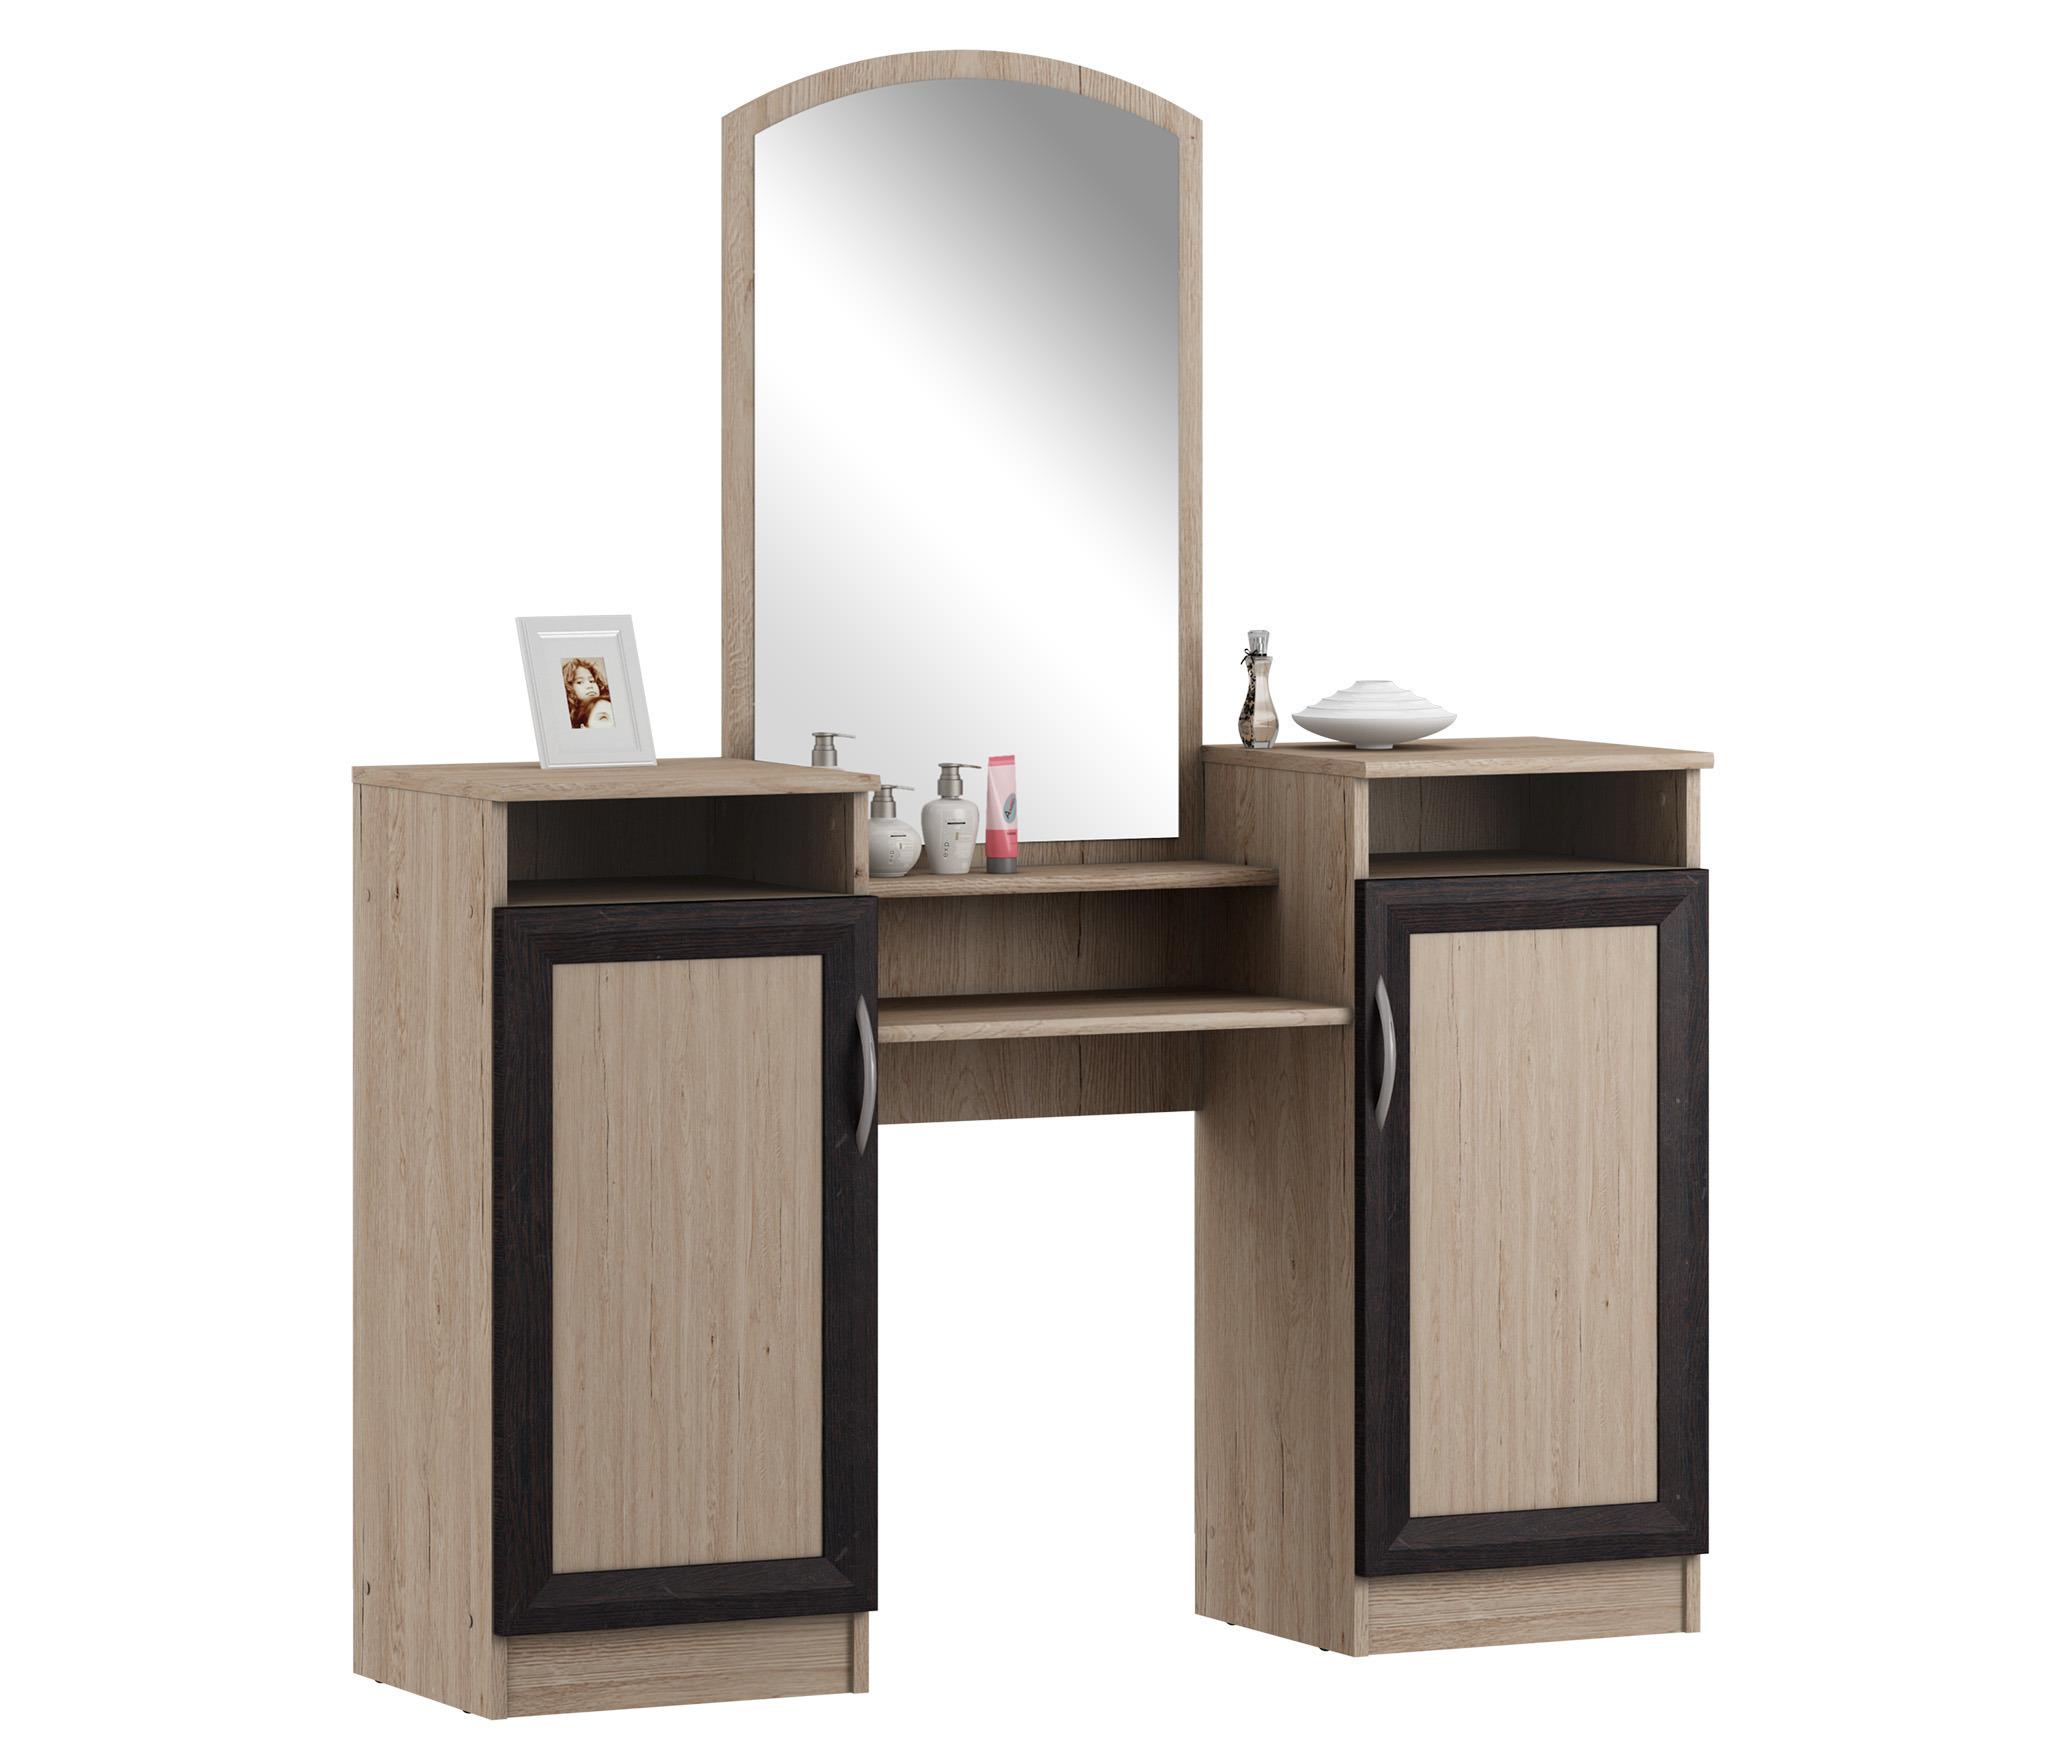 Туалетный столик Столплит 15265523 от Столплит